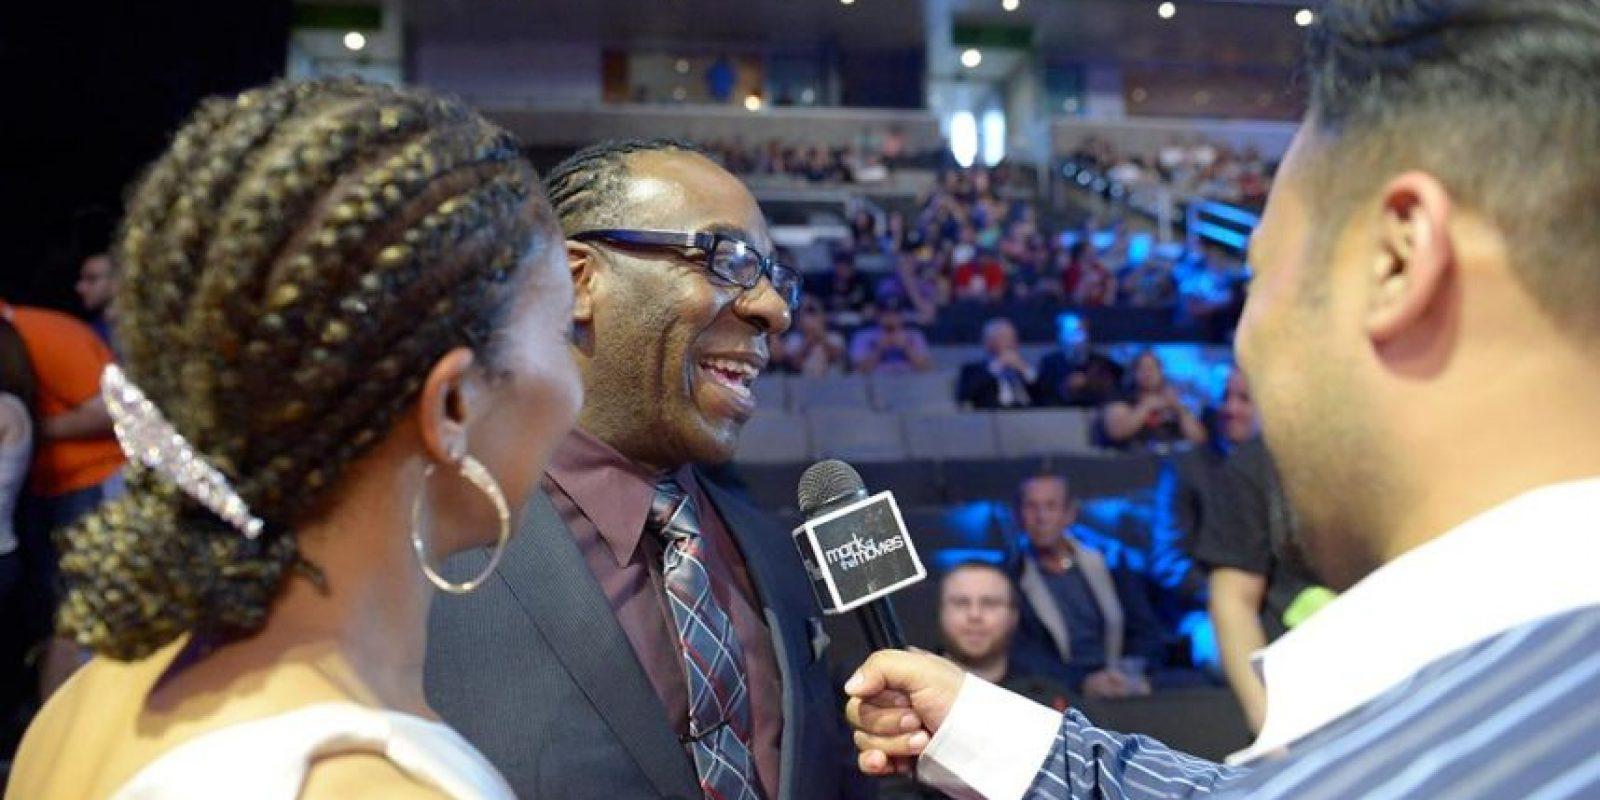 Booker T y su esposa Sharmell Foto:WWE